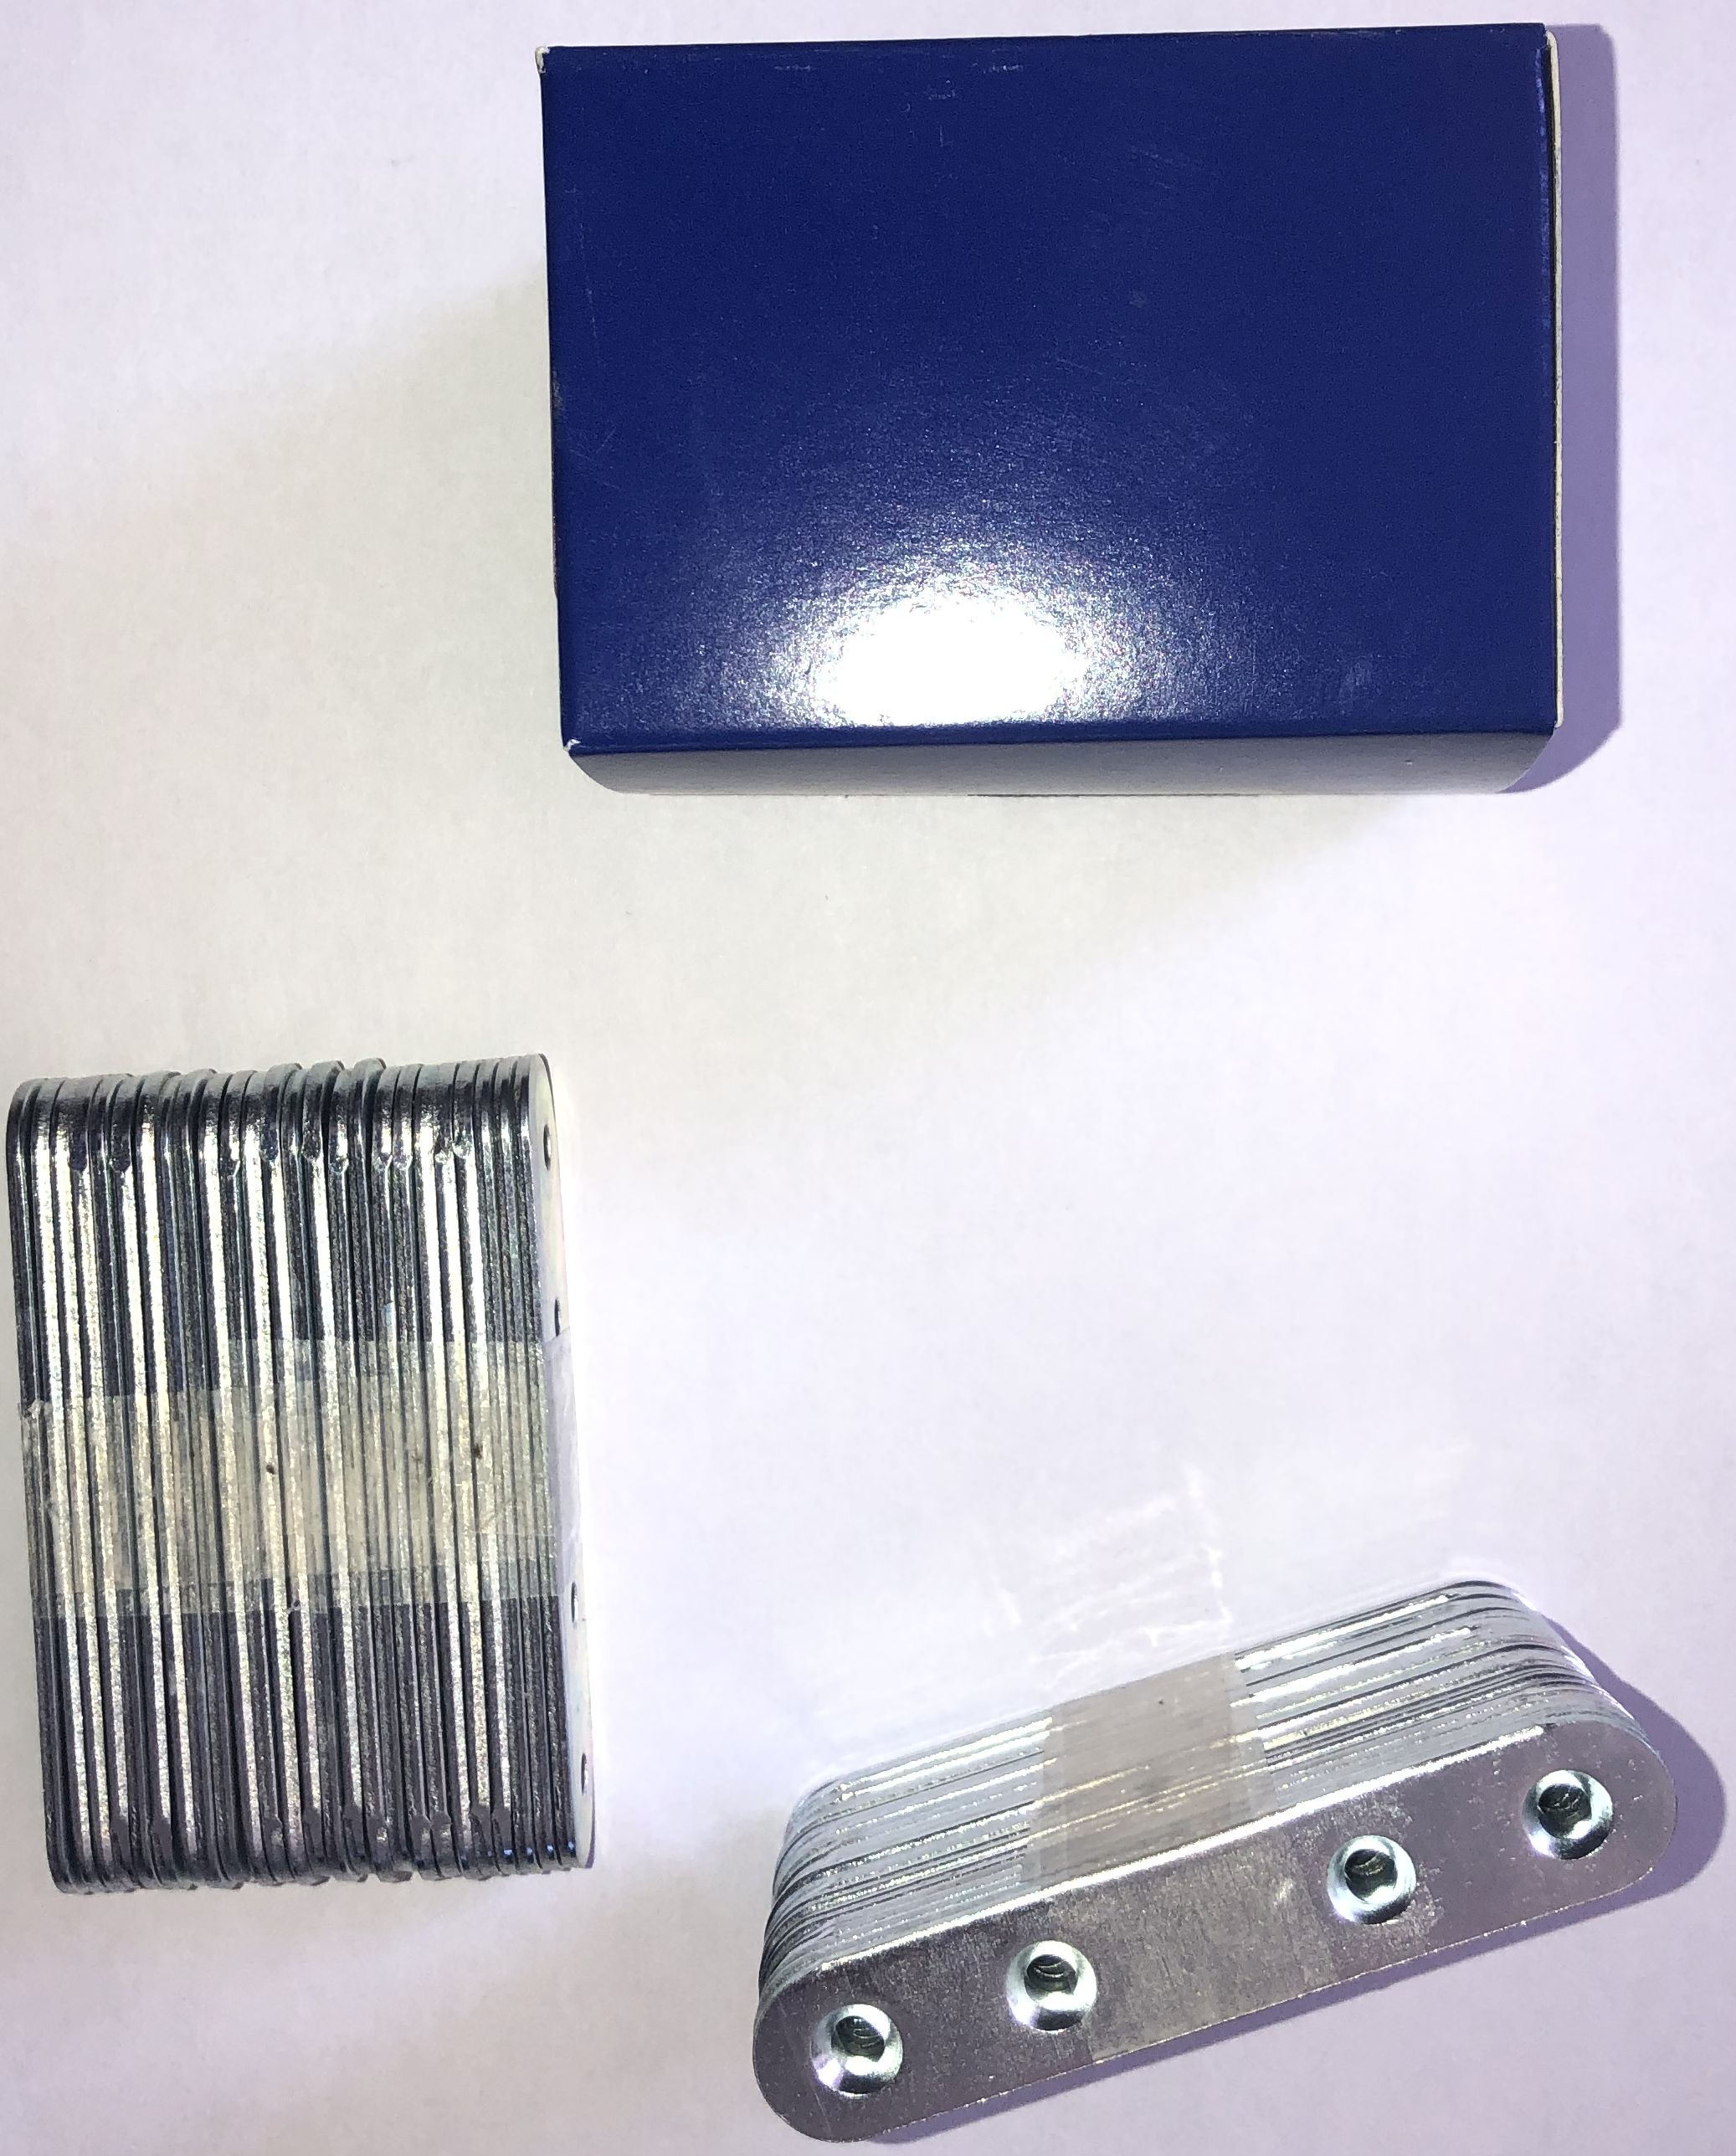 Kit d'alignement pour chape plancher chauffant Caleodur